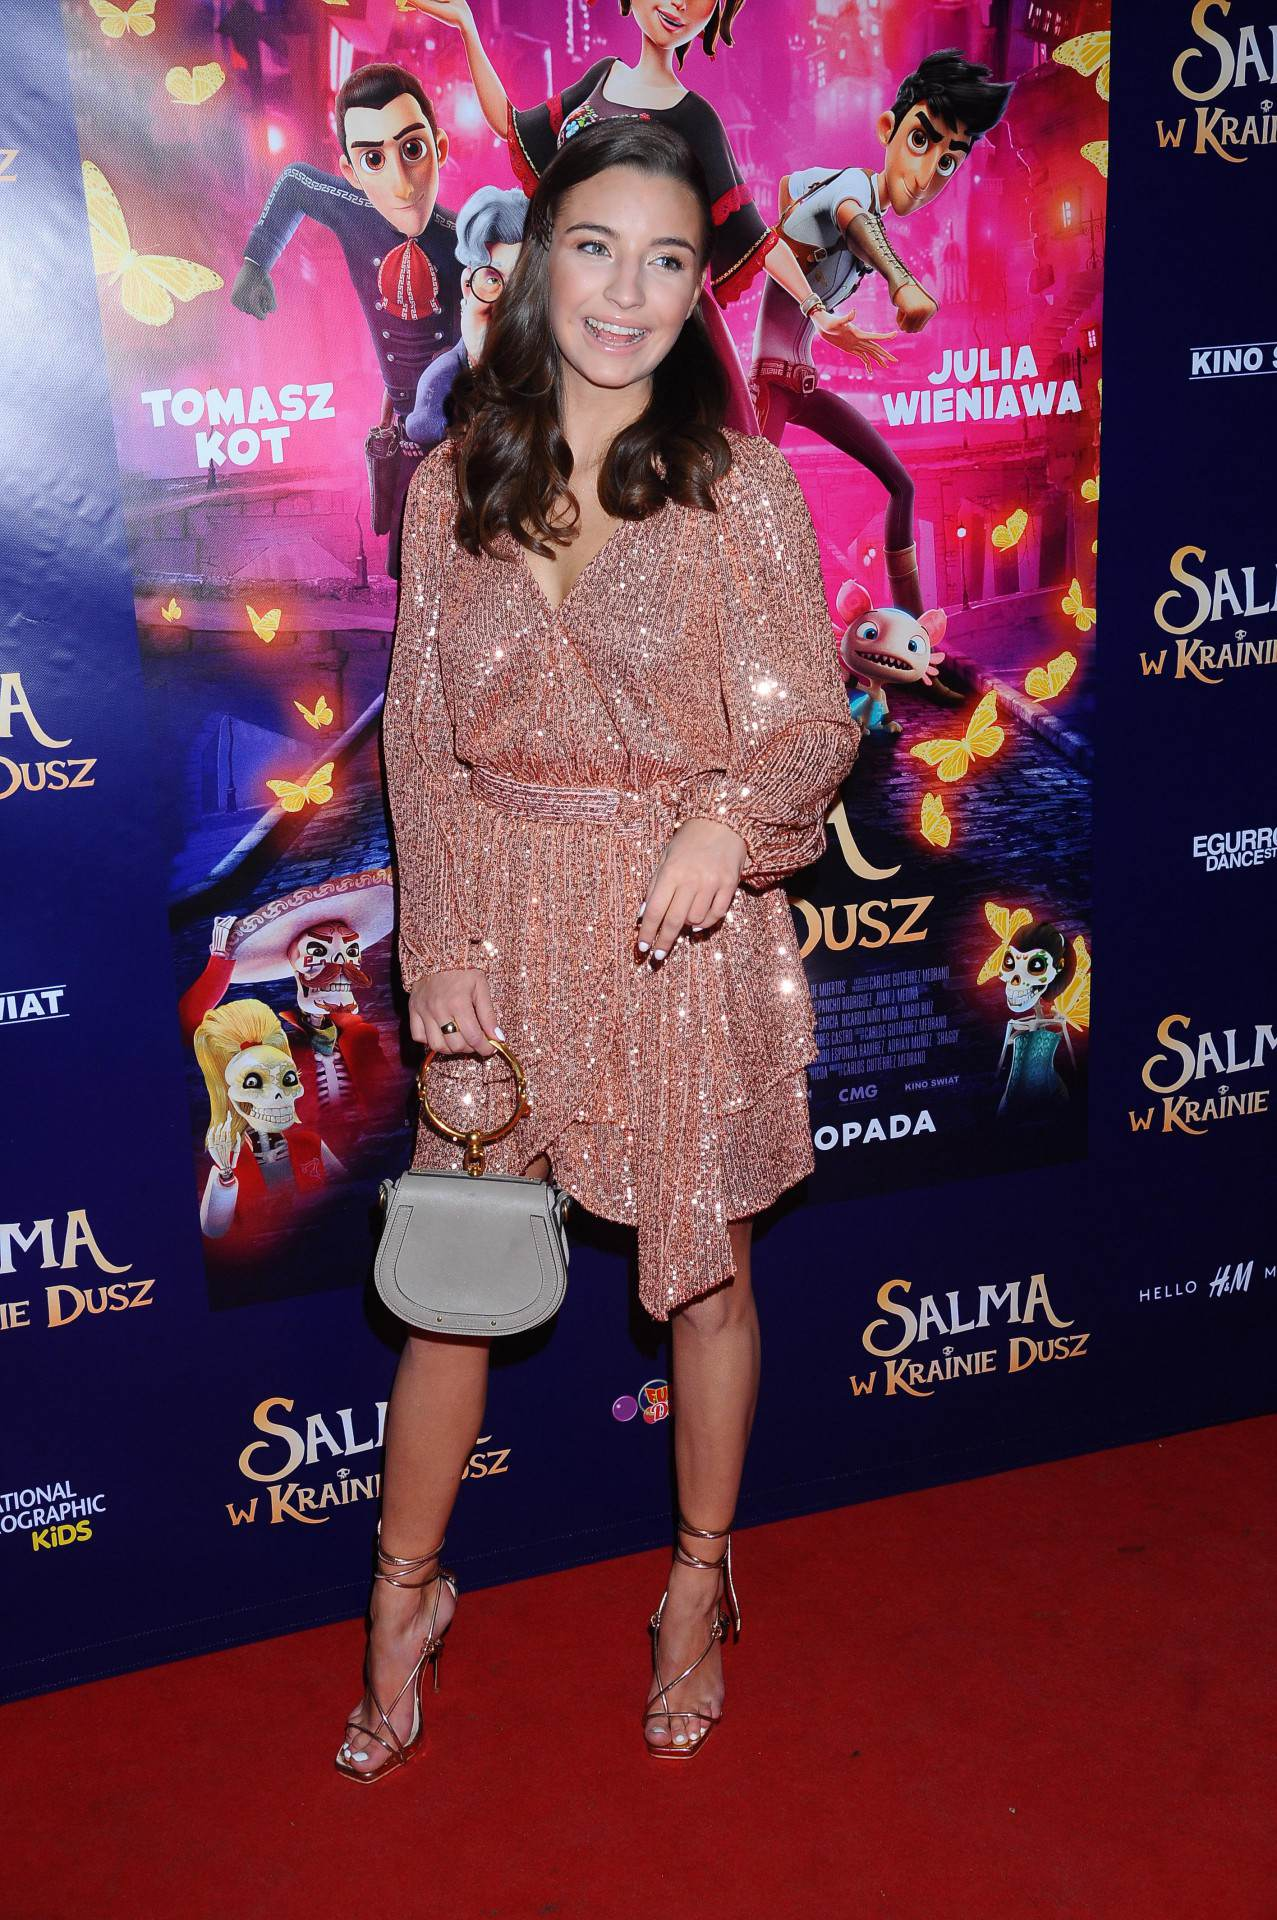 Julia Wieniwawa - błyszcząca sukienka